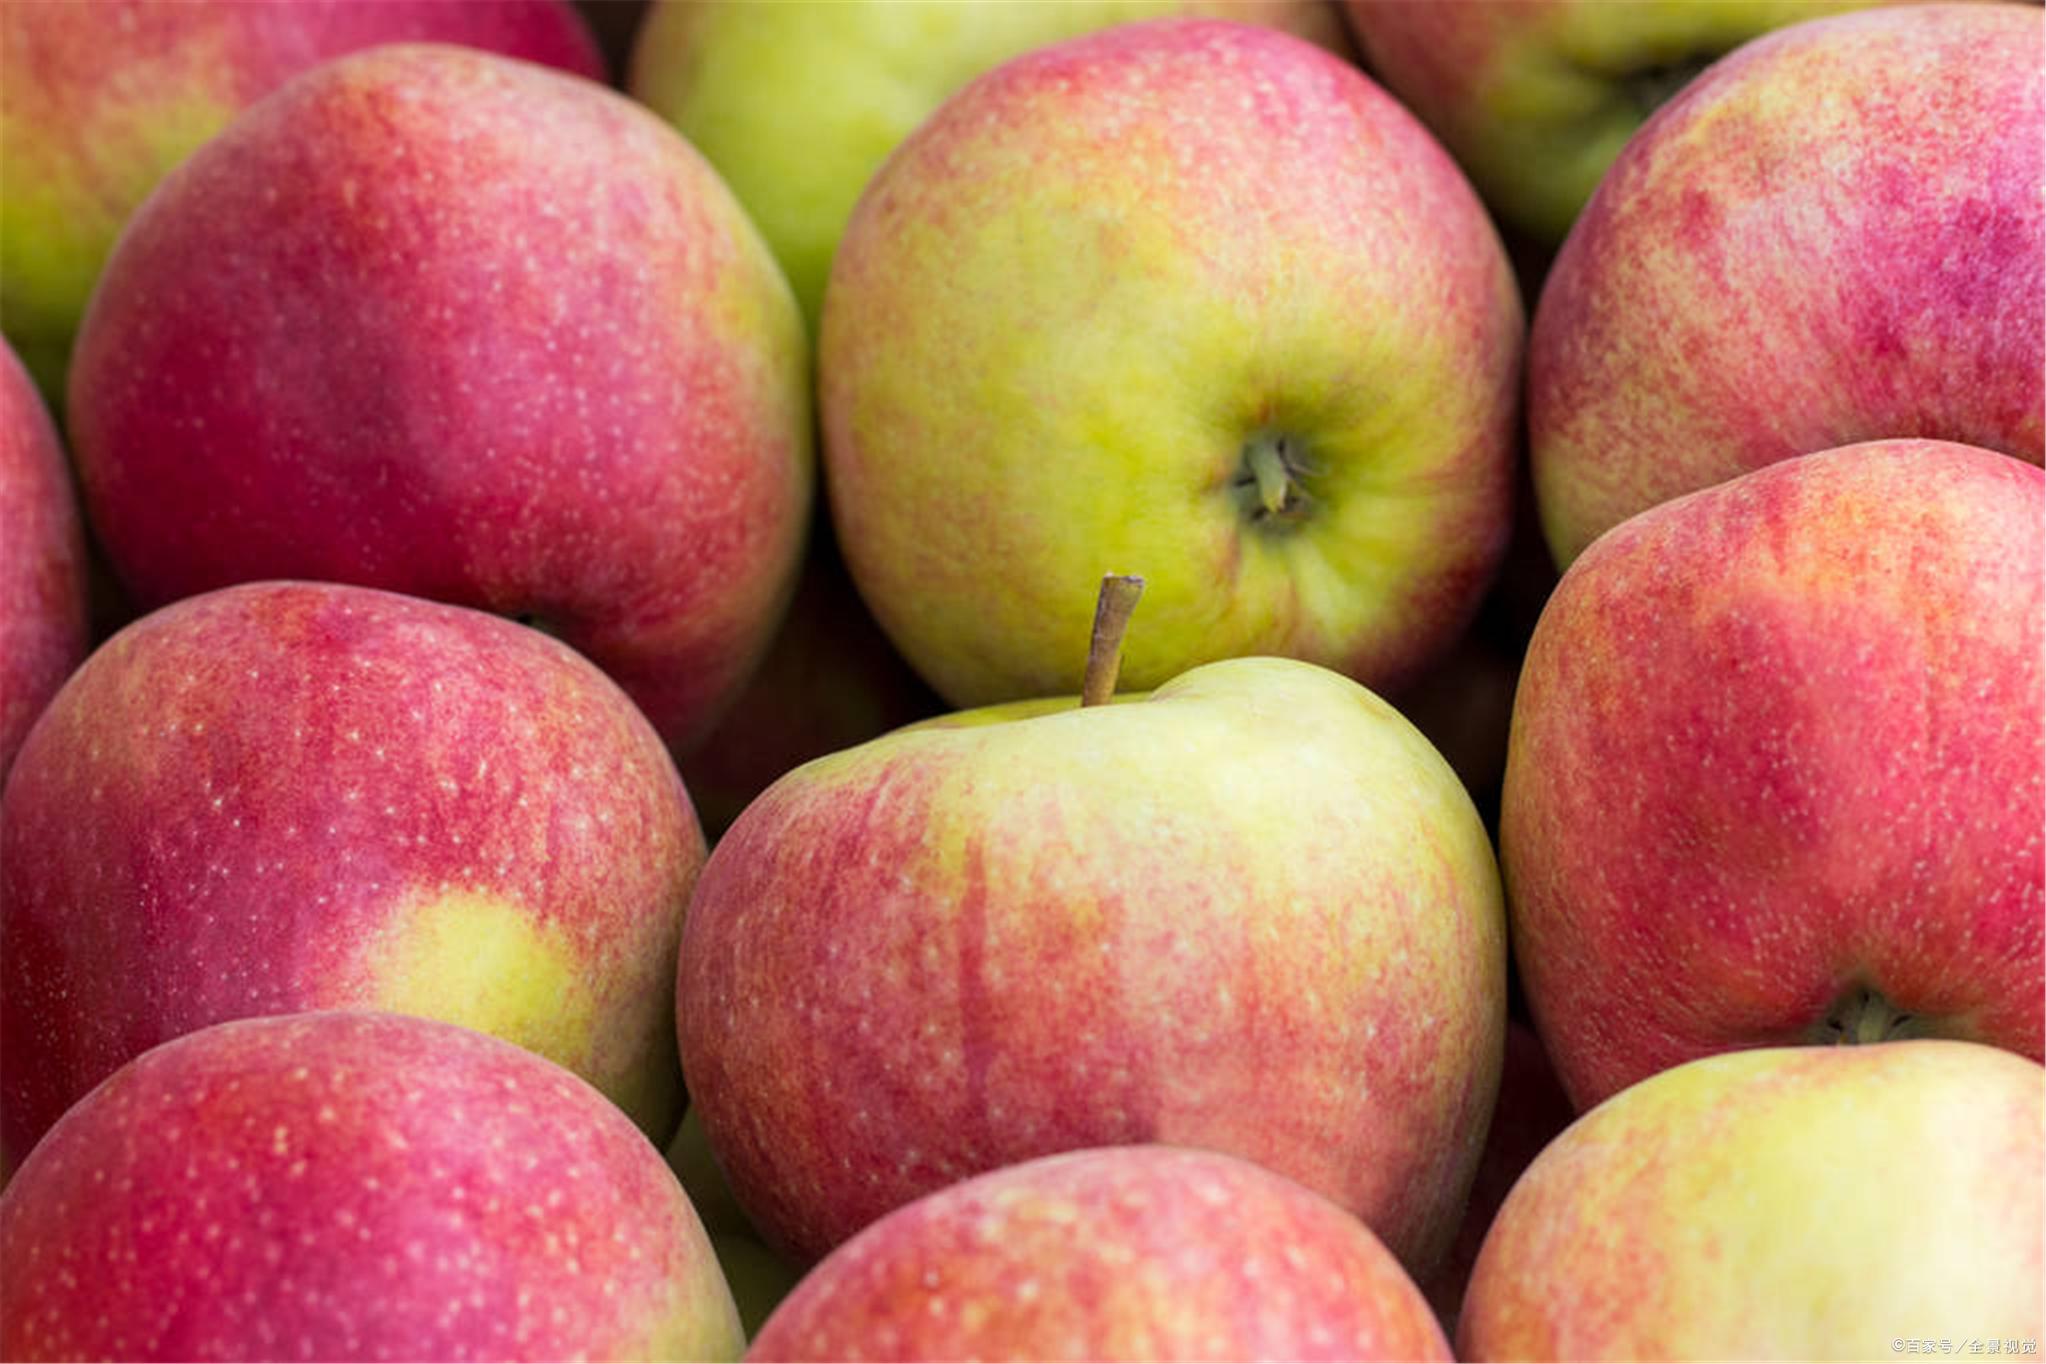 苹果何时吃好?晚上?还是早上?这两个时间段或许是好的选择